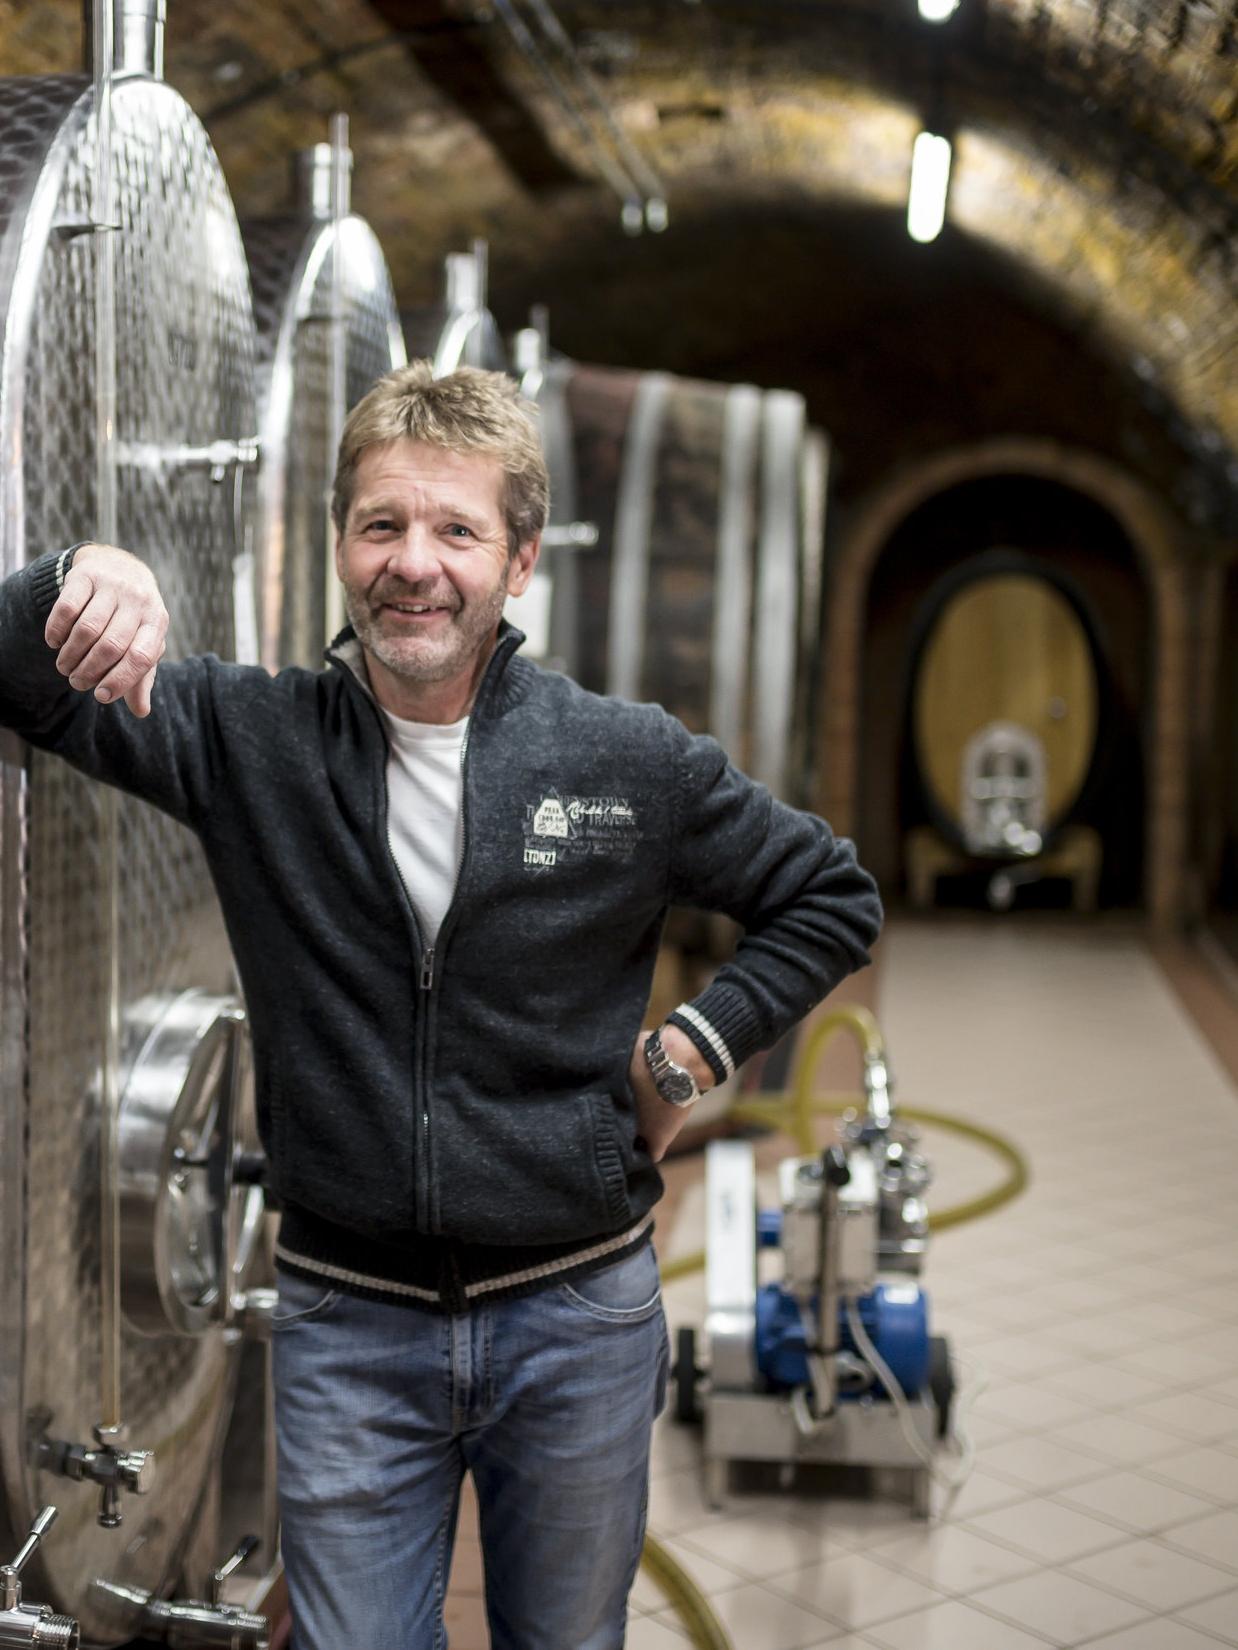 Heribert - Wenn es um die Pflege der Weingärten oder um die Verarbeitung der Trauben geht, ist er in seinem Element. Bei der darauf folgenden Kellerarbeit spielt er seine langjährige Erfahrung aus.